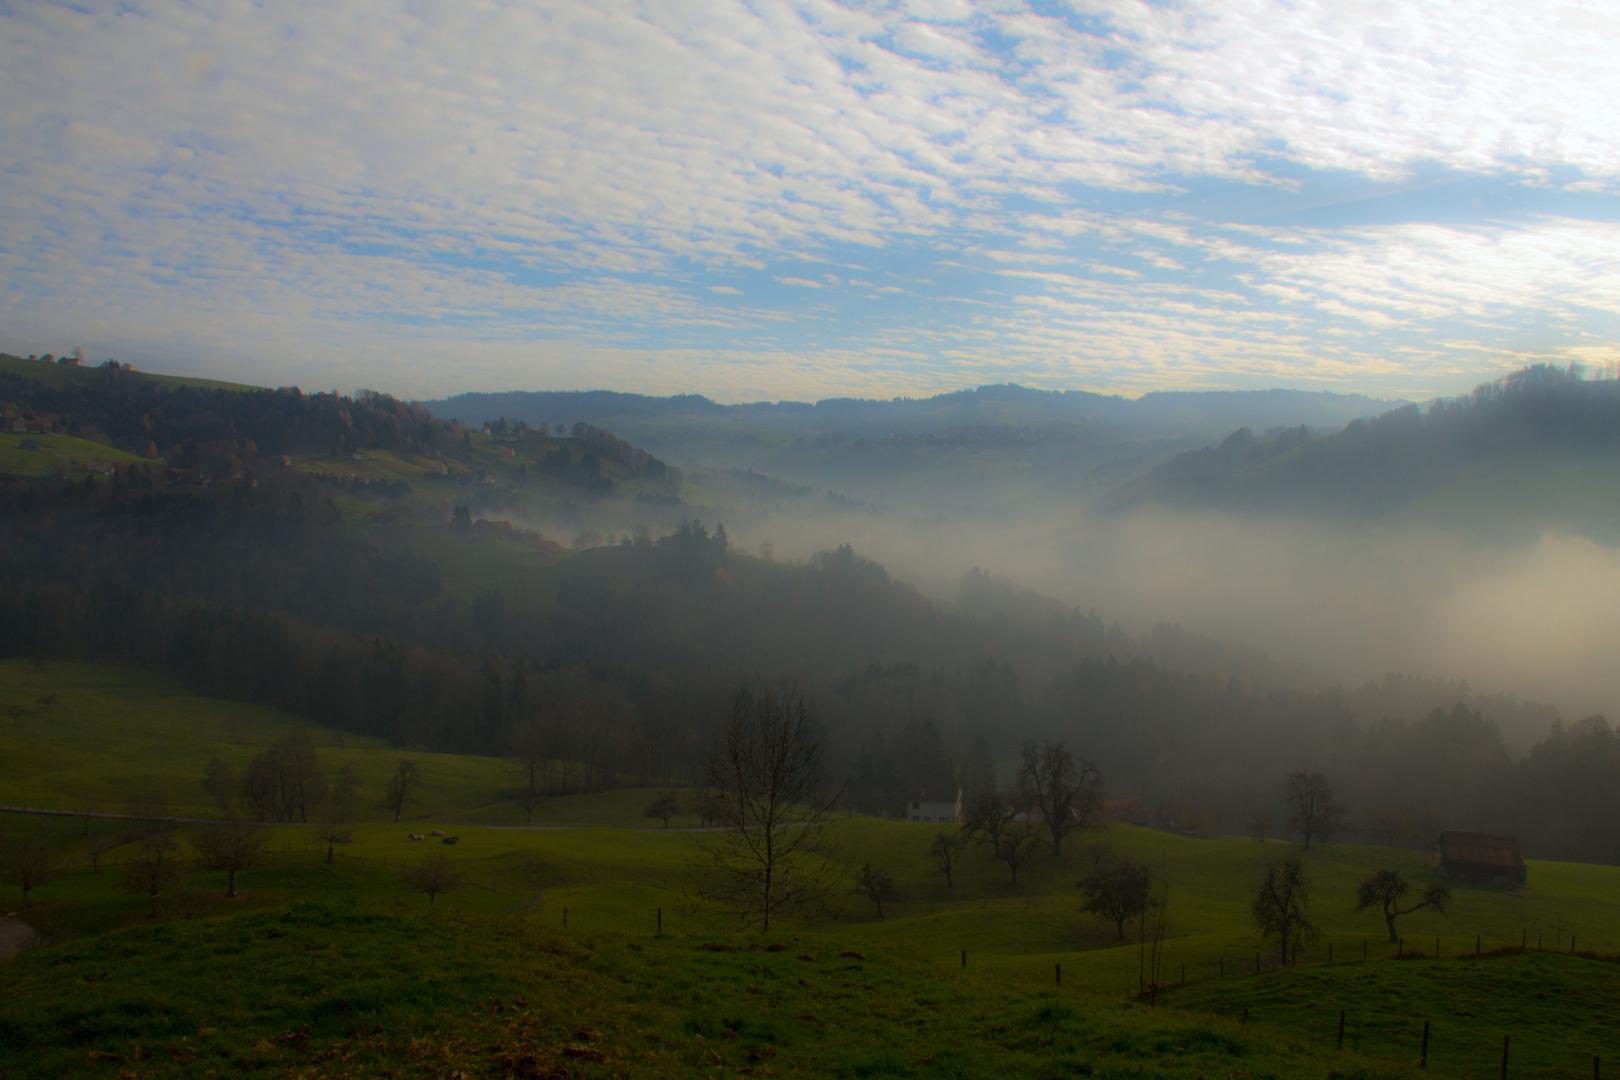 Nebel liegt über Auenland und die Hobbits bleiben in ihren Erdhöhlen